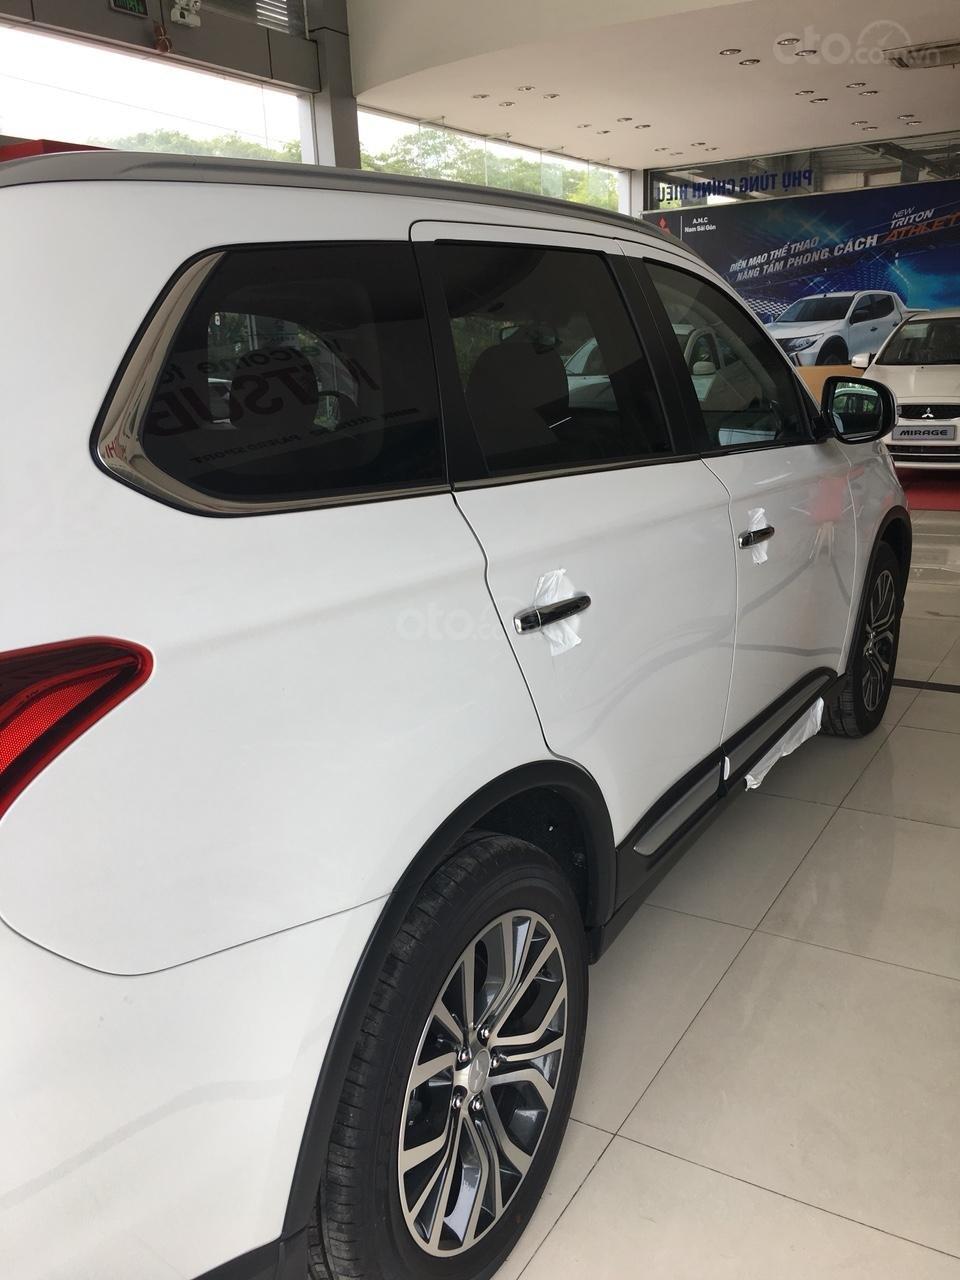 Outlander 2.4 CVT Premium 2019, khuyến mãi lên đến hàng chục triệu đồng, đủ màu, giao xe ngay-6